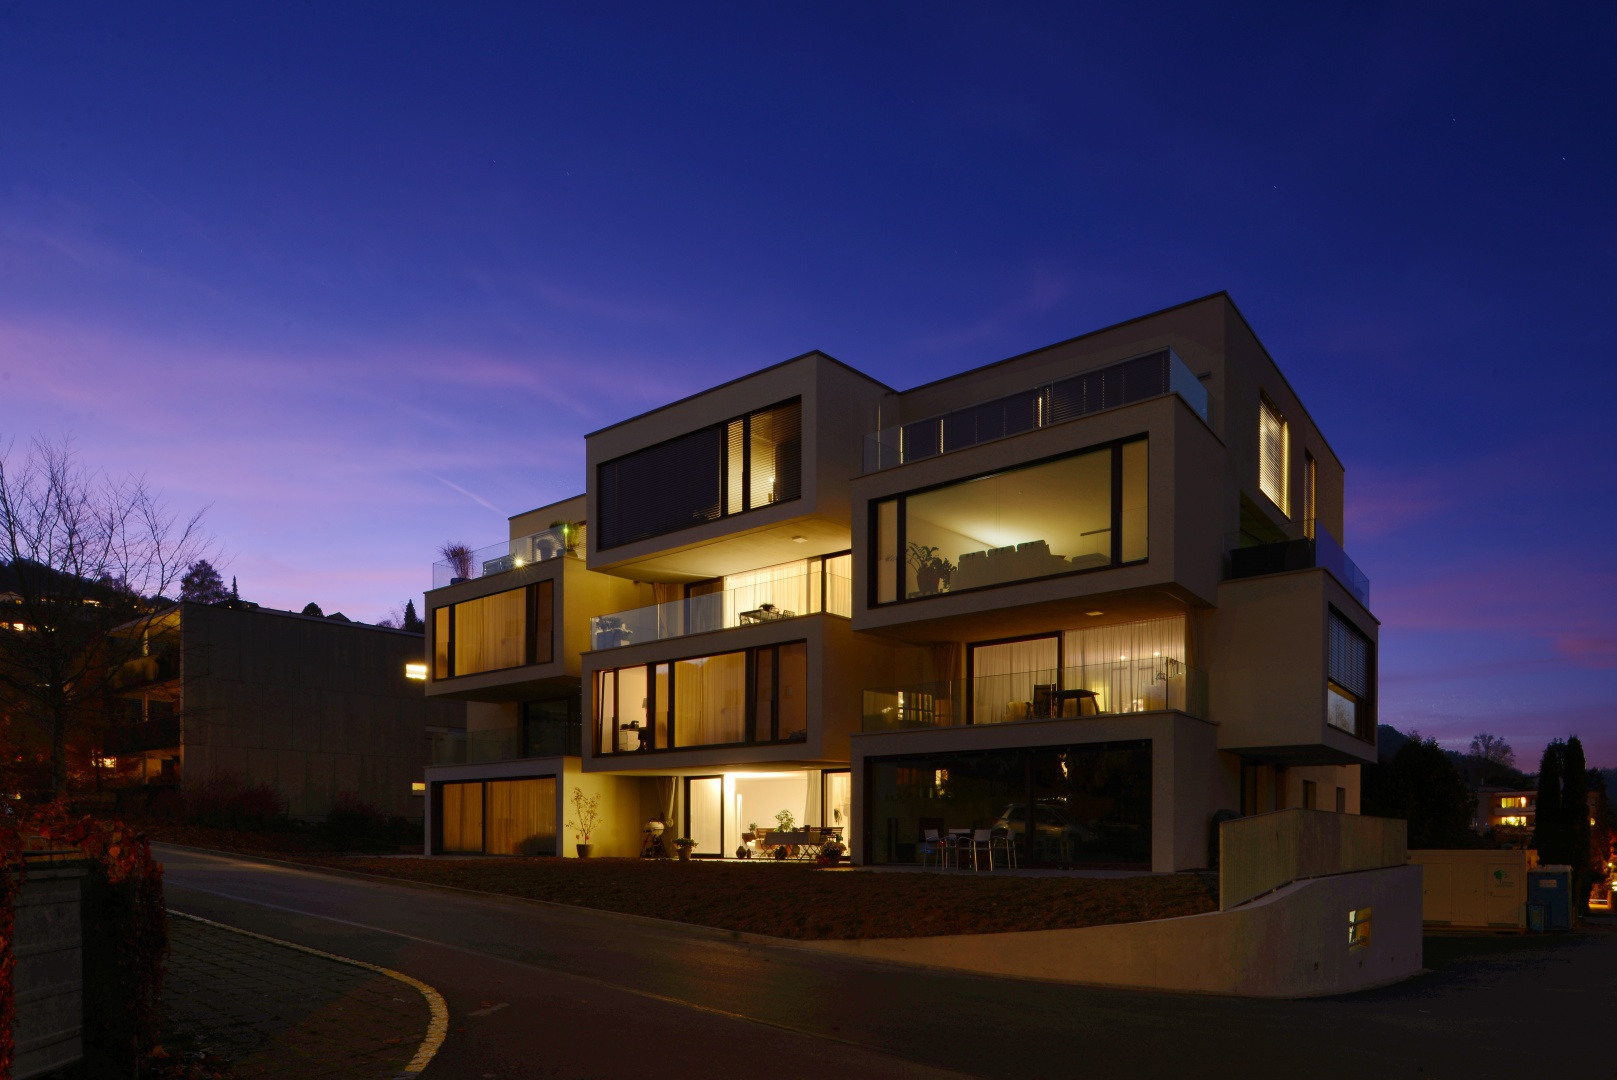 GEBÄUDE NACHT_1 © Daluz Gonzalez Architekten